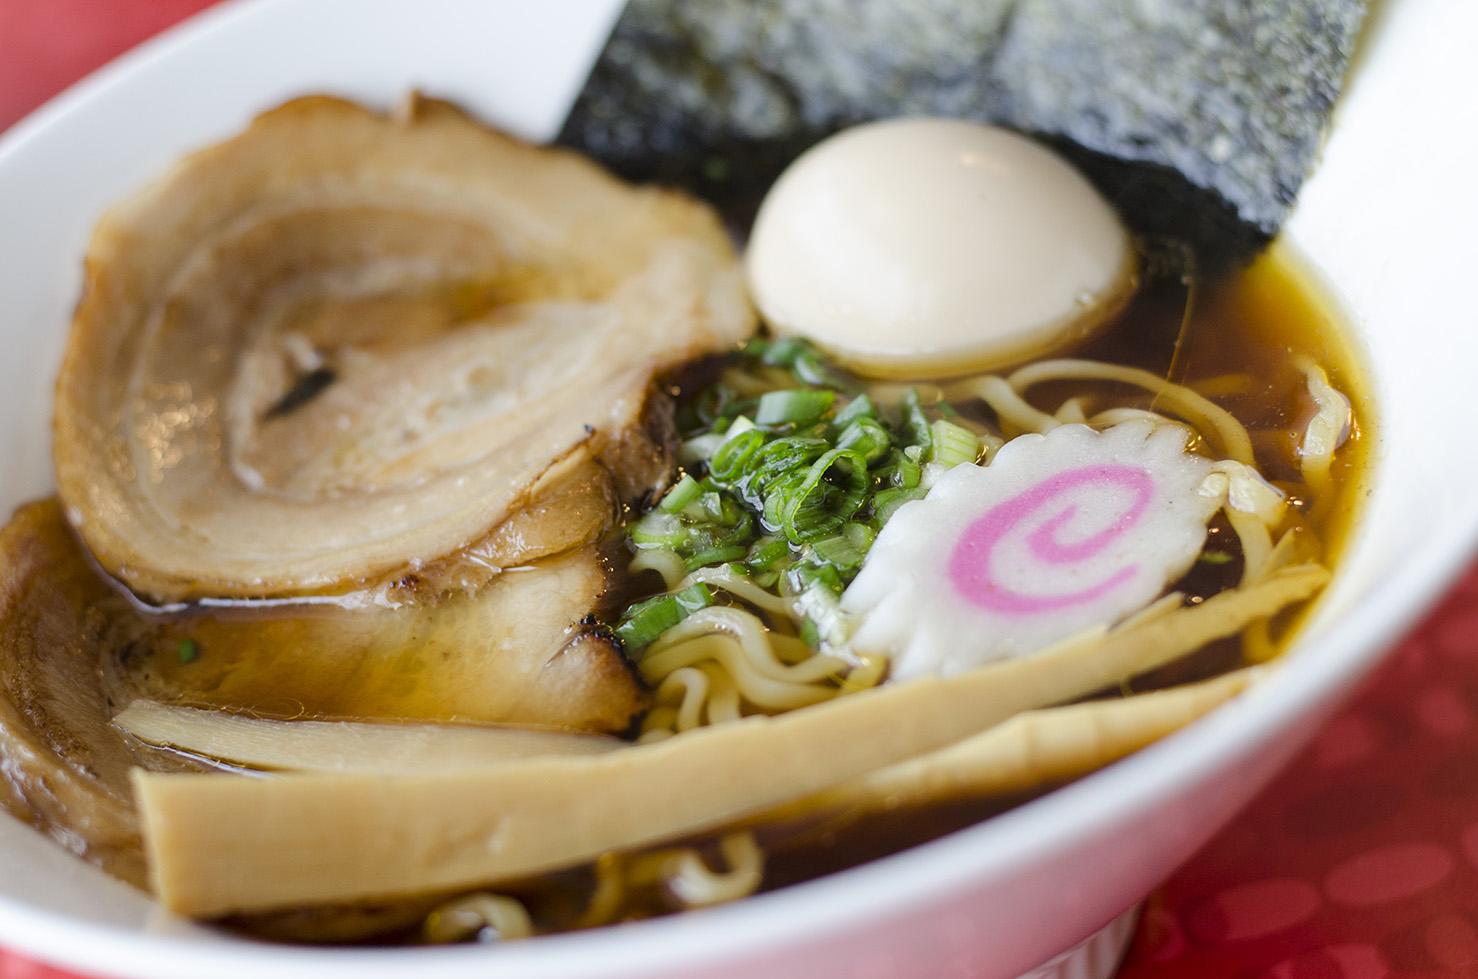 Shoyu ramen from Eros Asian Eatery.